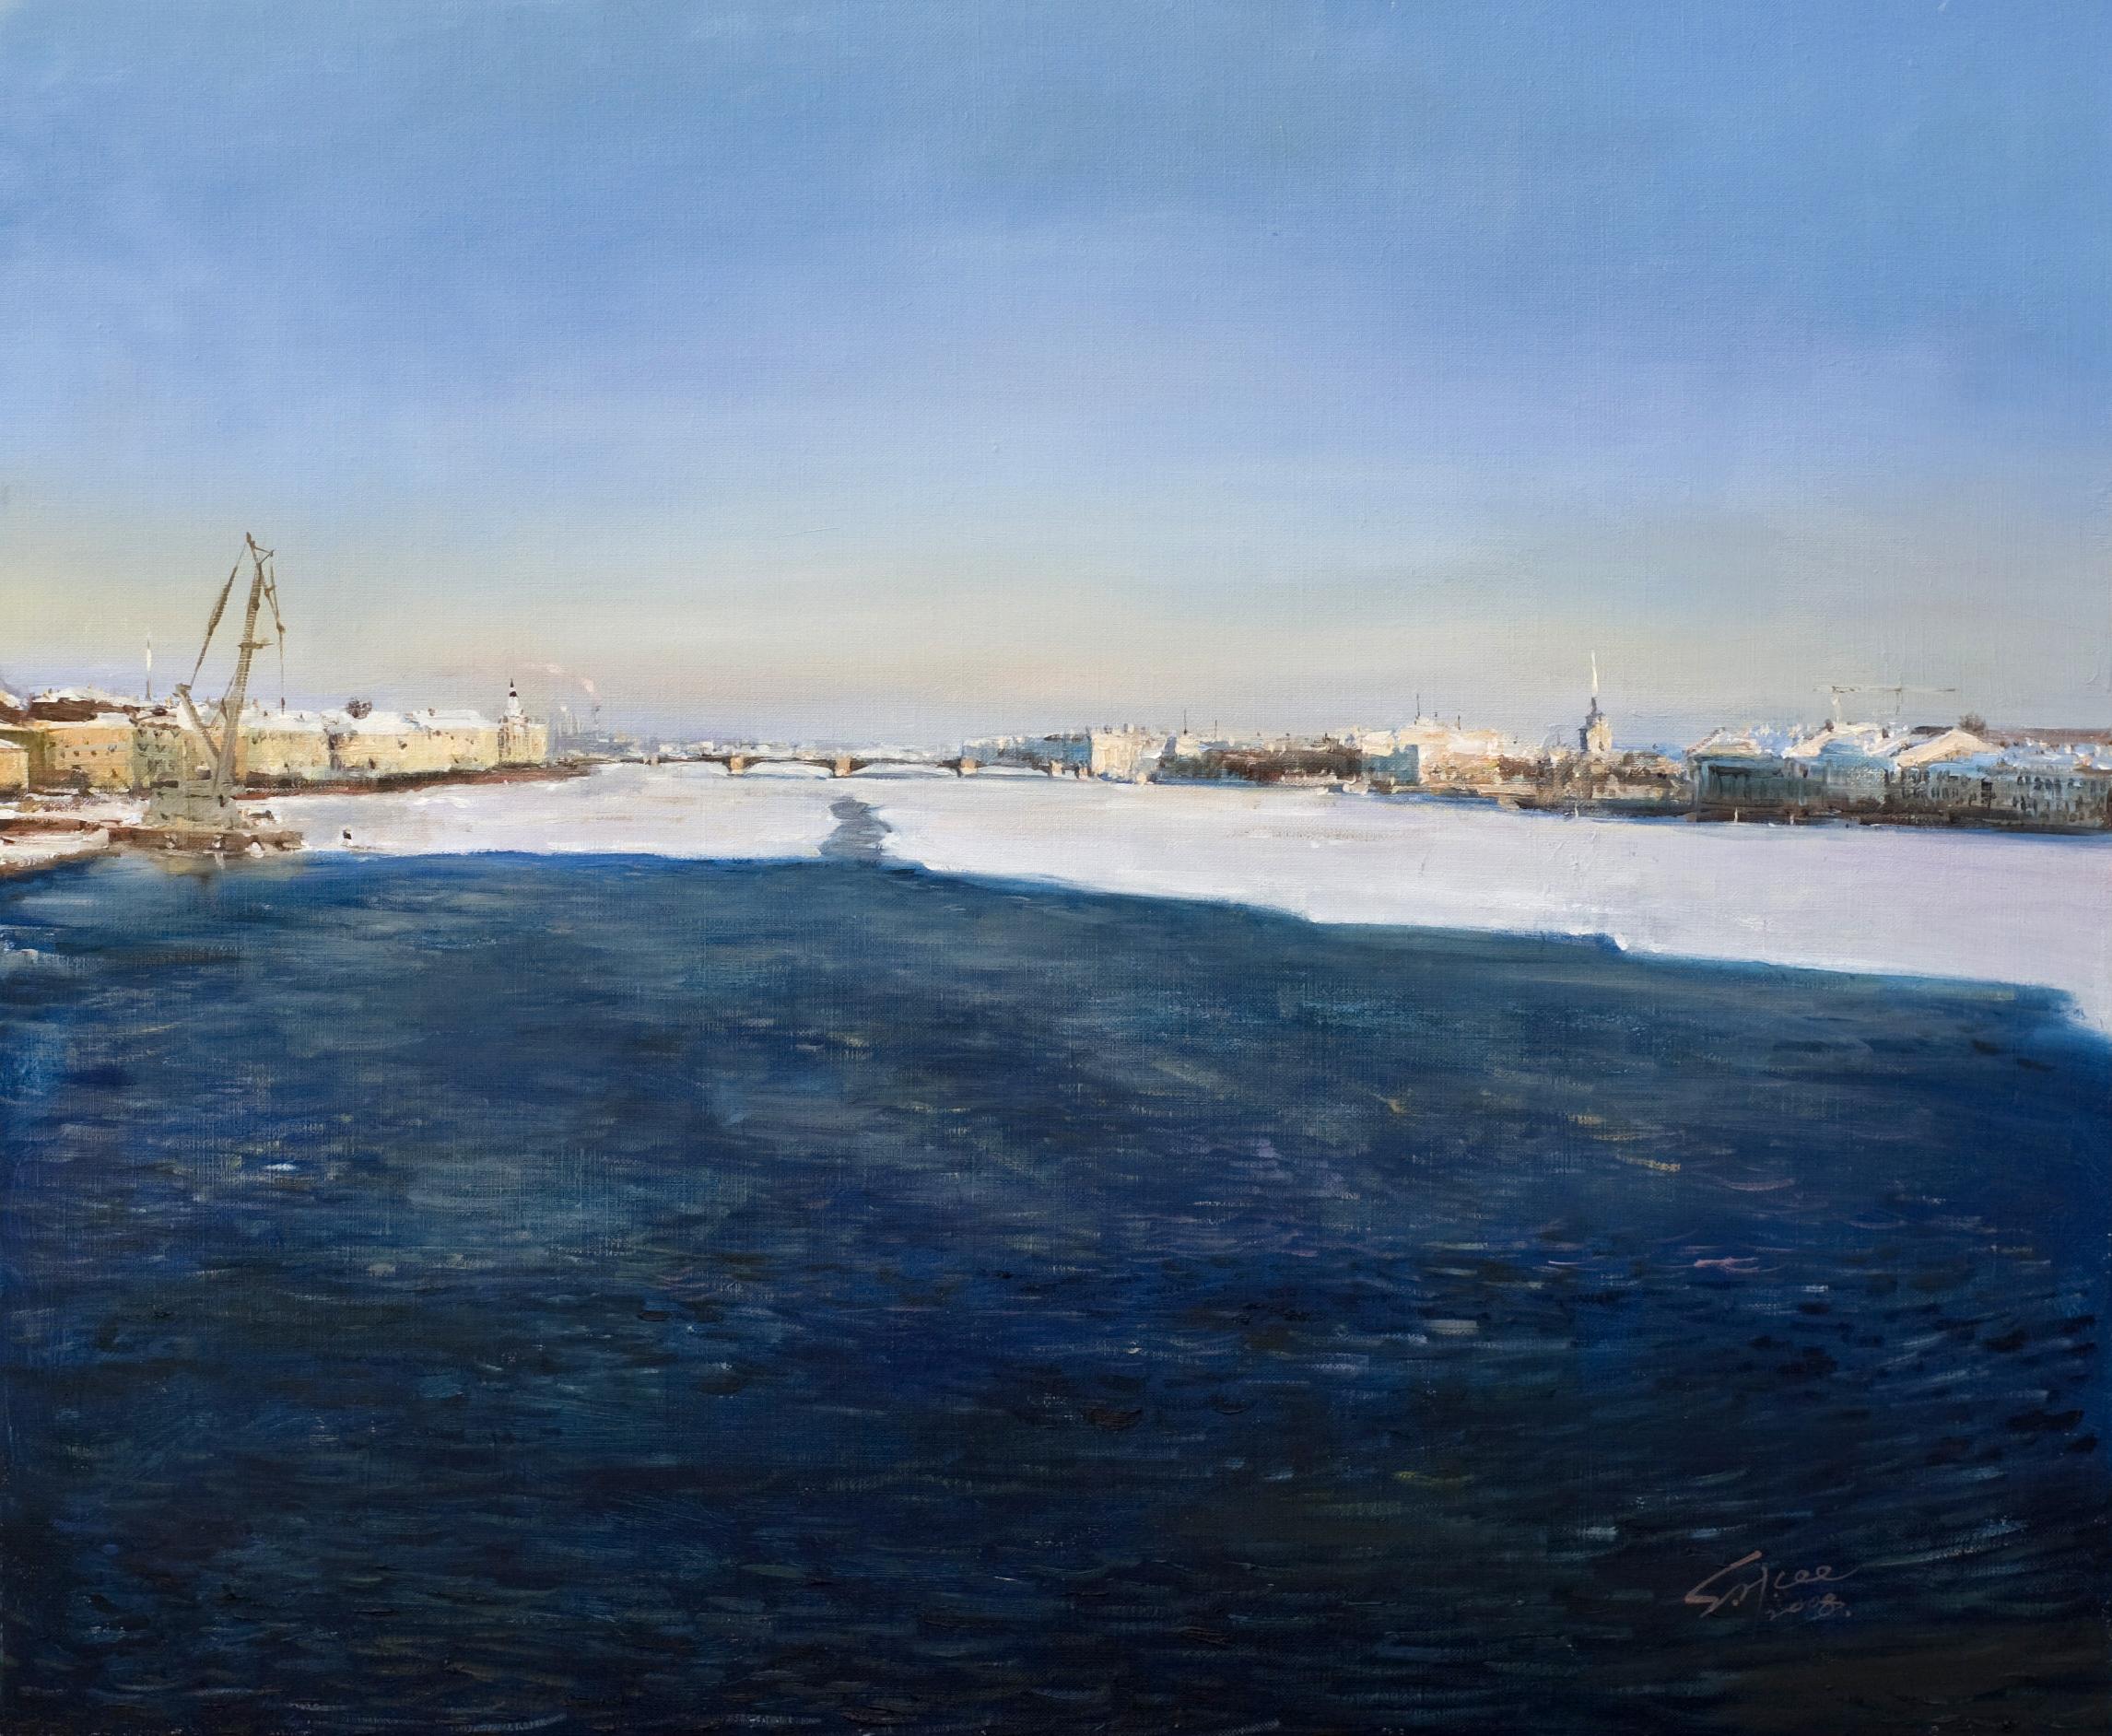 네바강 풍경 72.7x60.6  Oil on canvas 2007